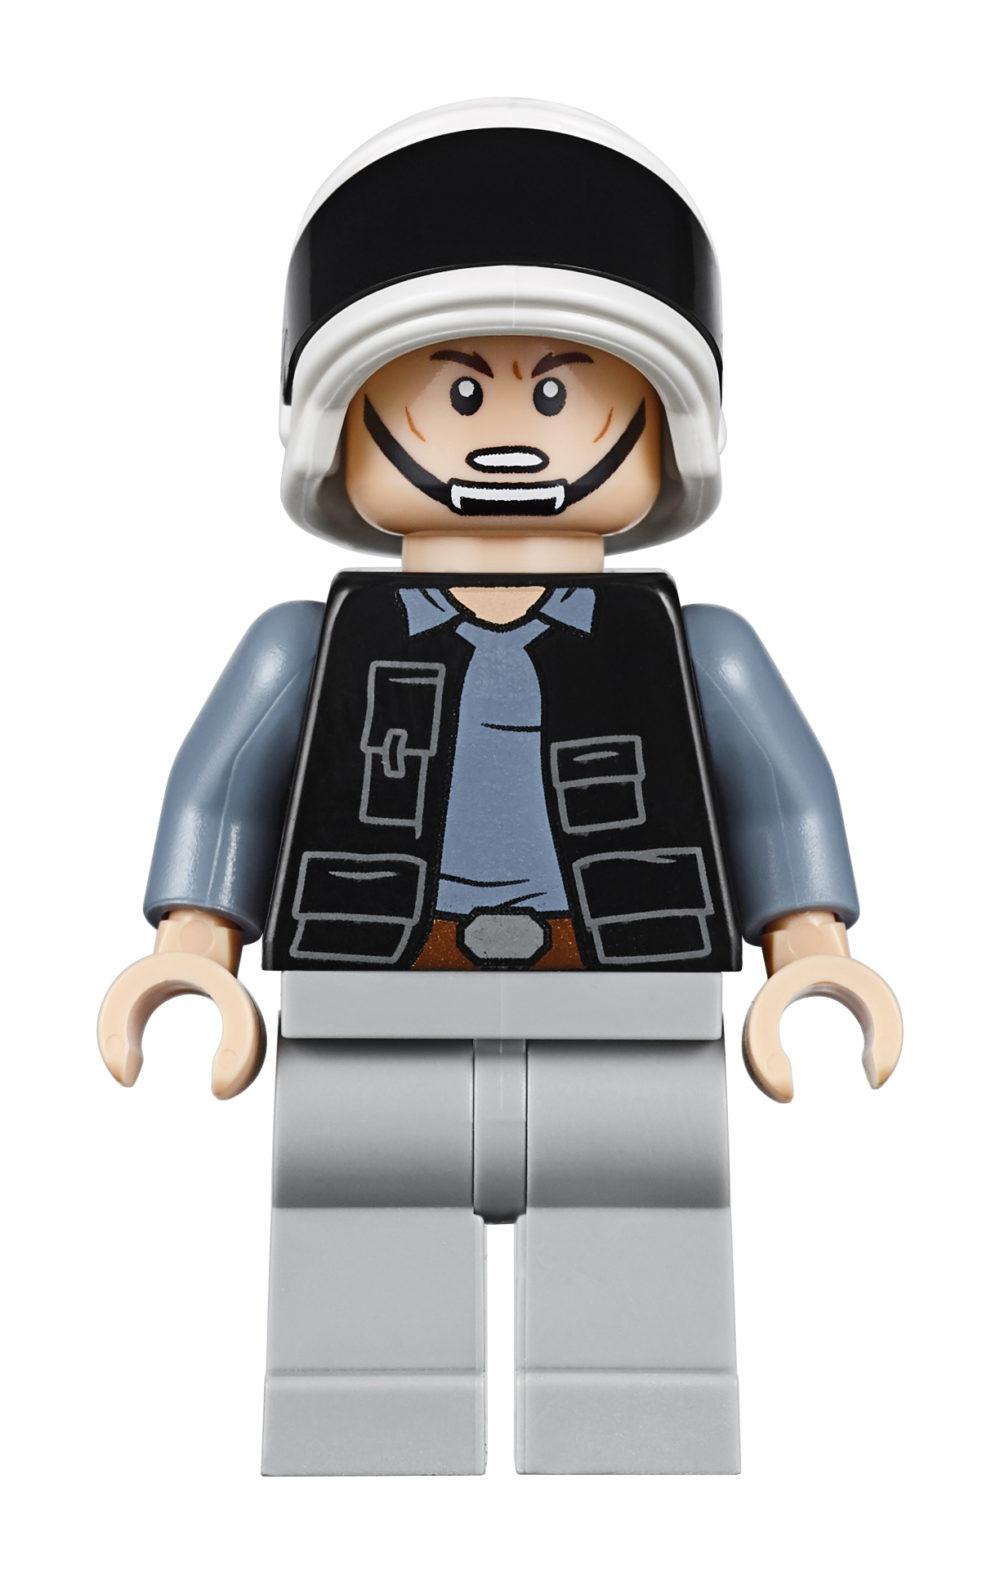 LEGO Star Wars 75244 - Rebel Fleet Trooper